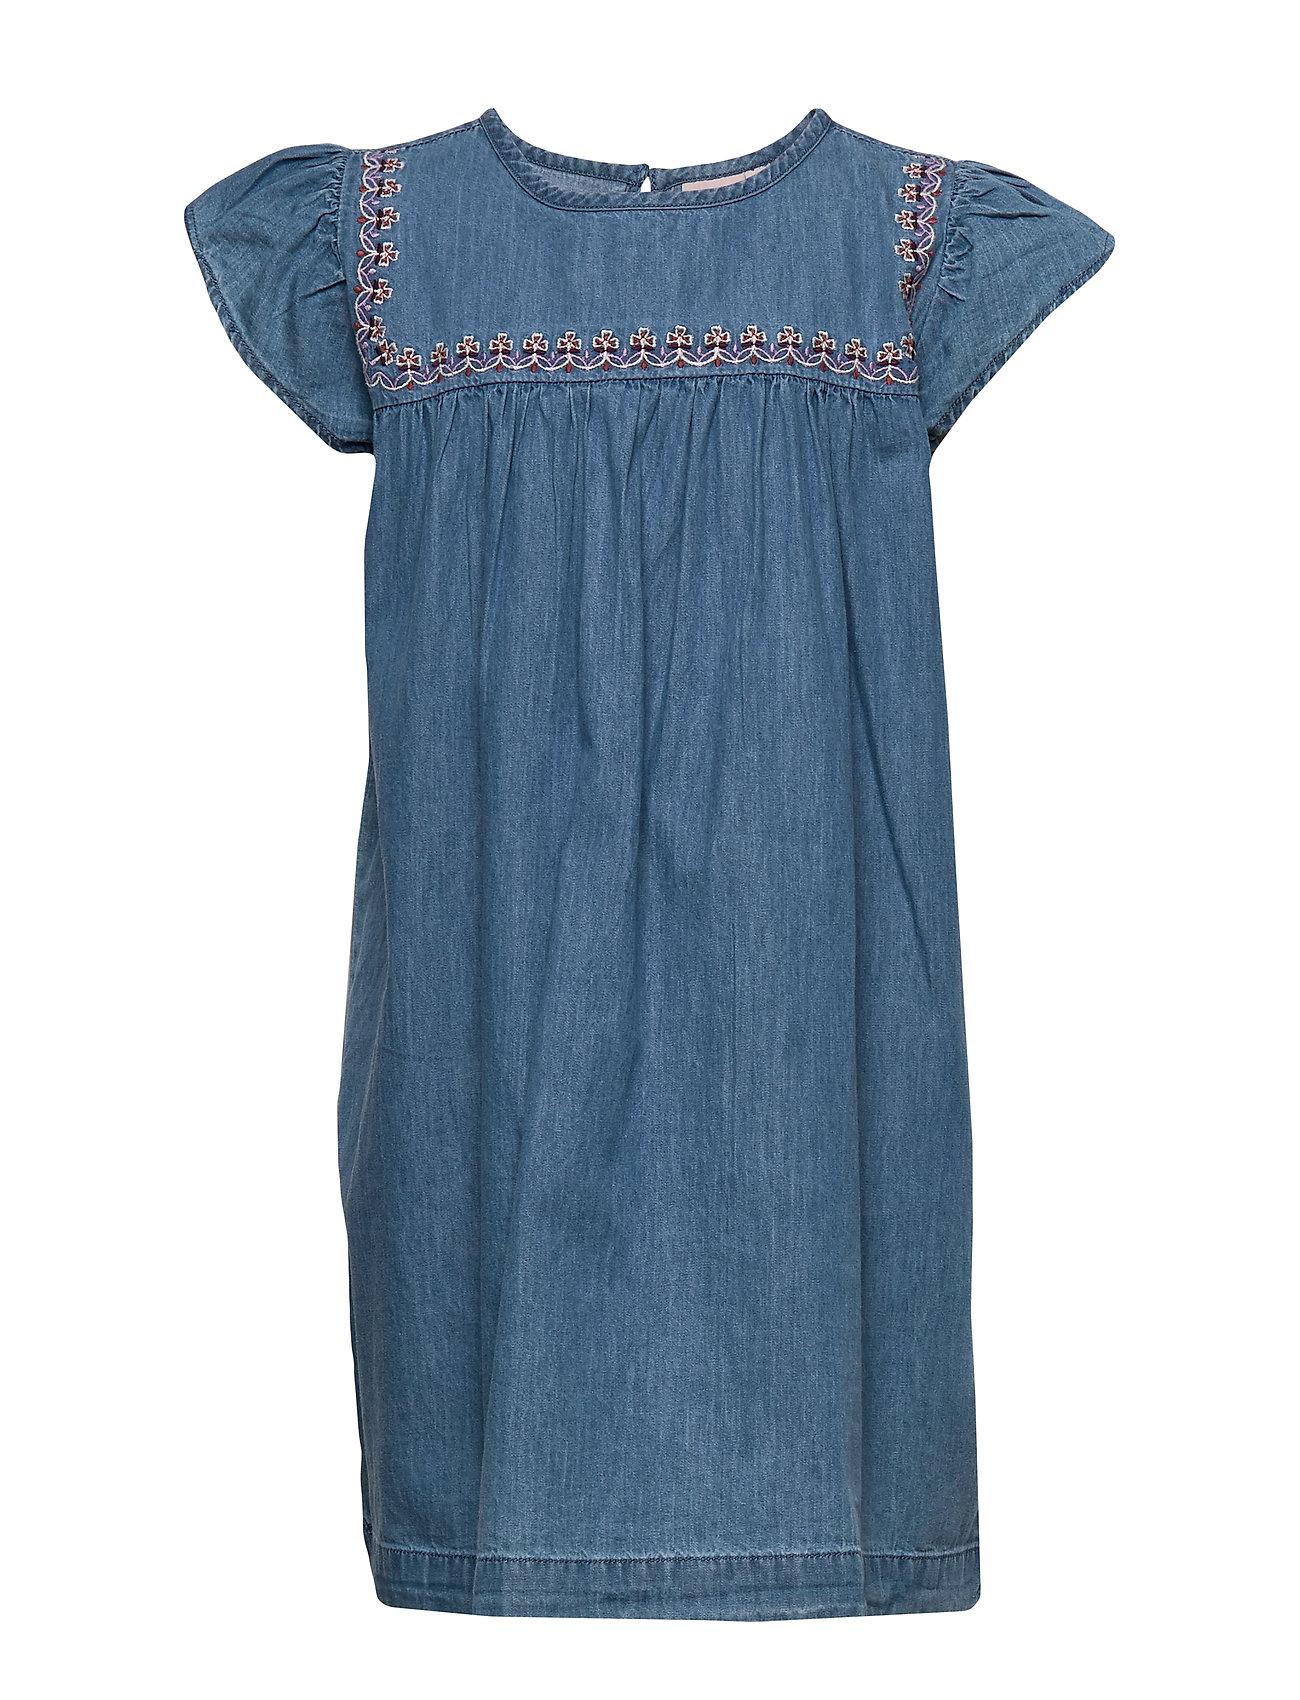 Image of Dress Short Sleeve Kjole Blå Noa Noa Miniature (3406255095)